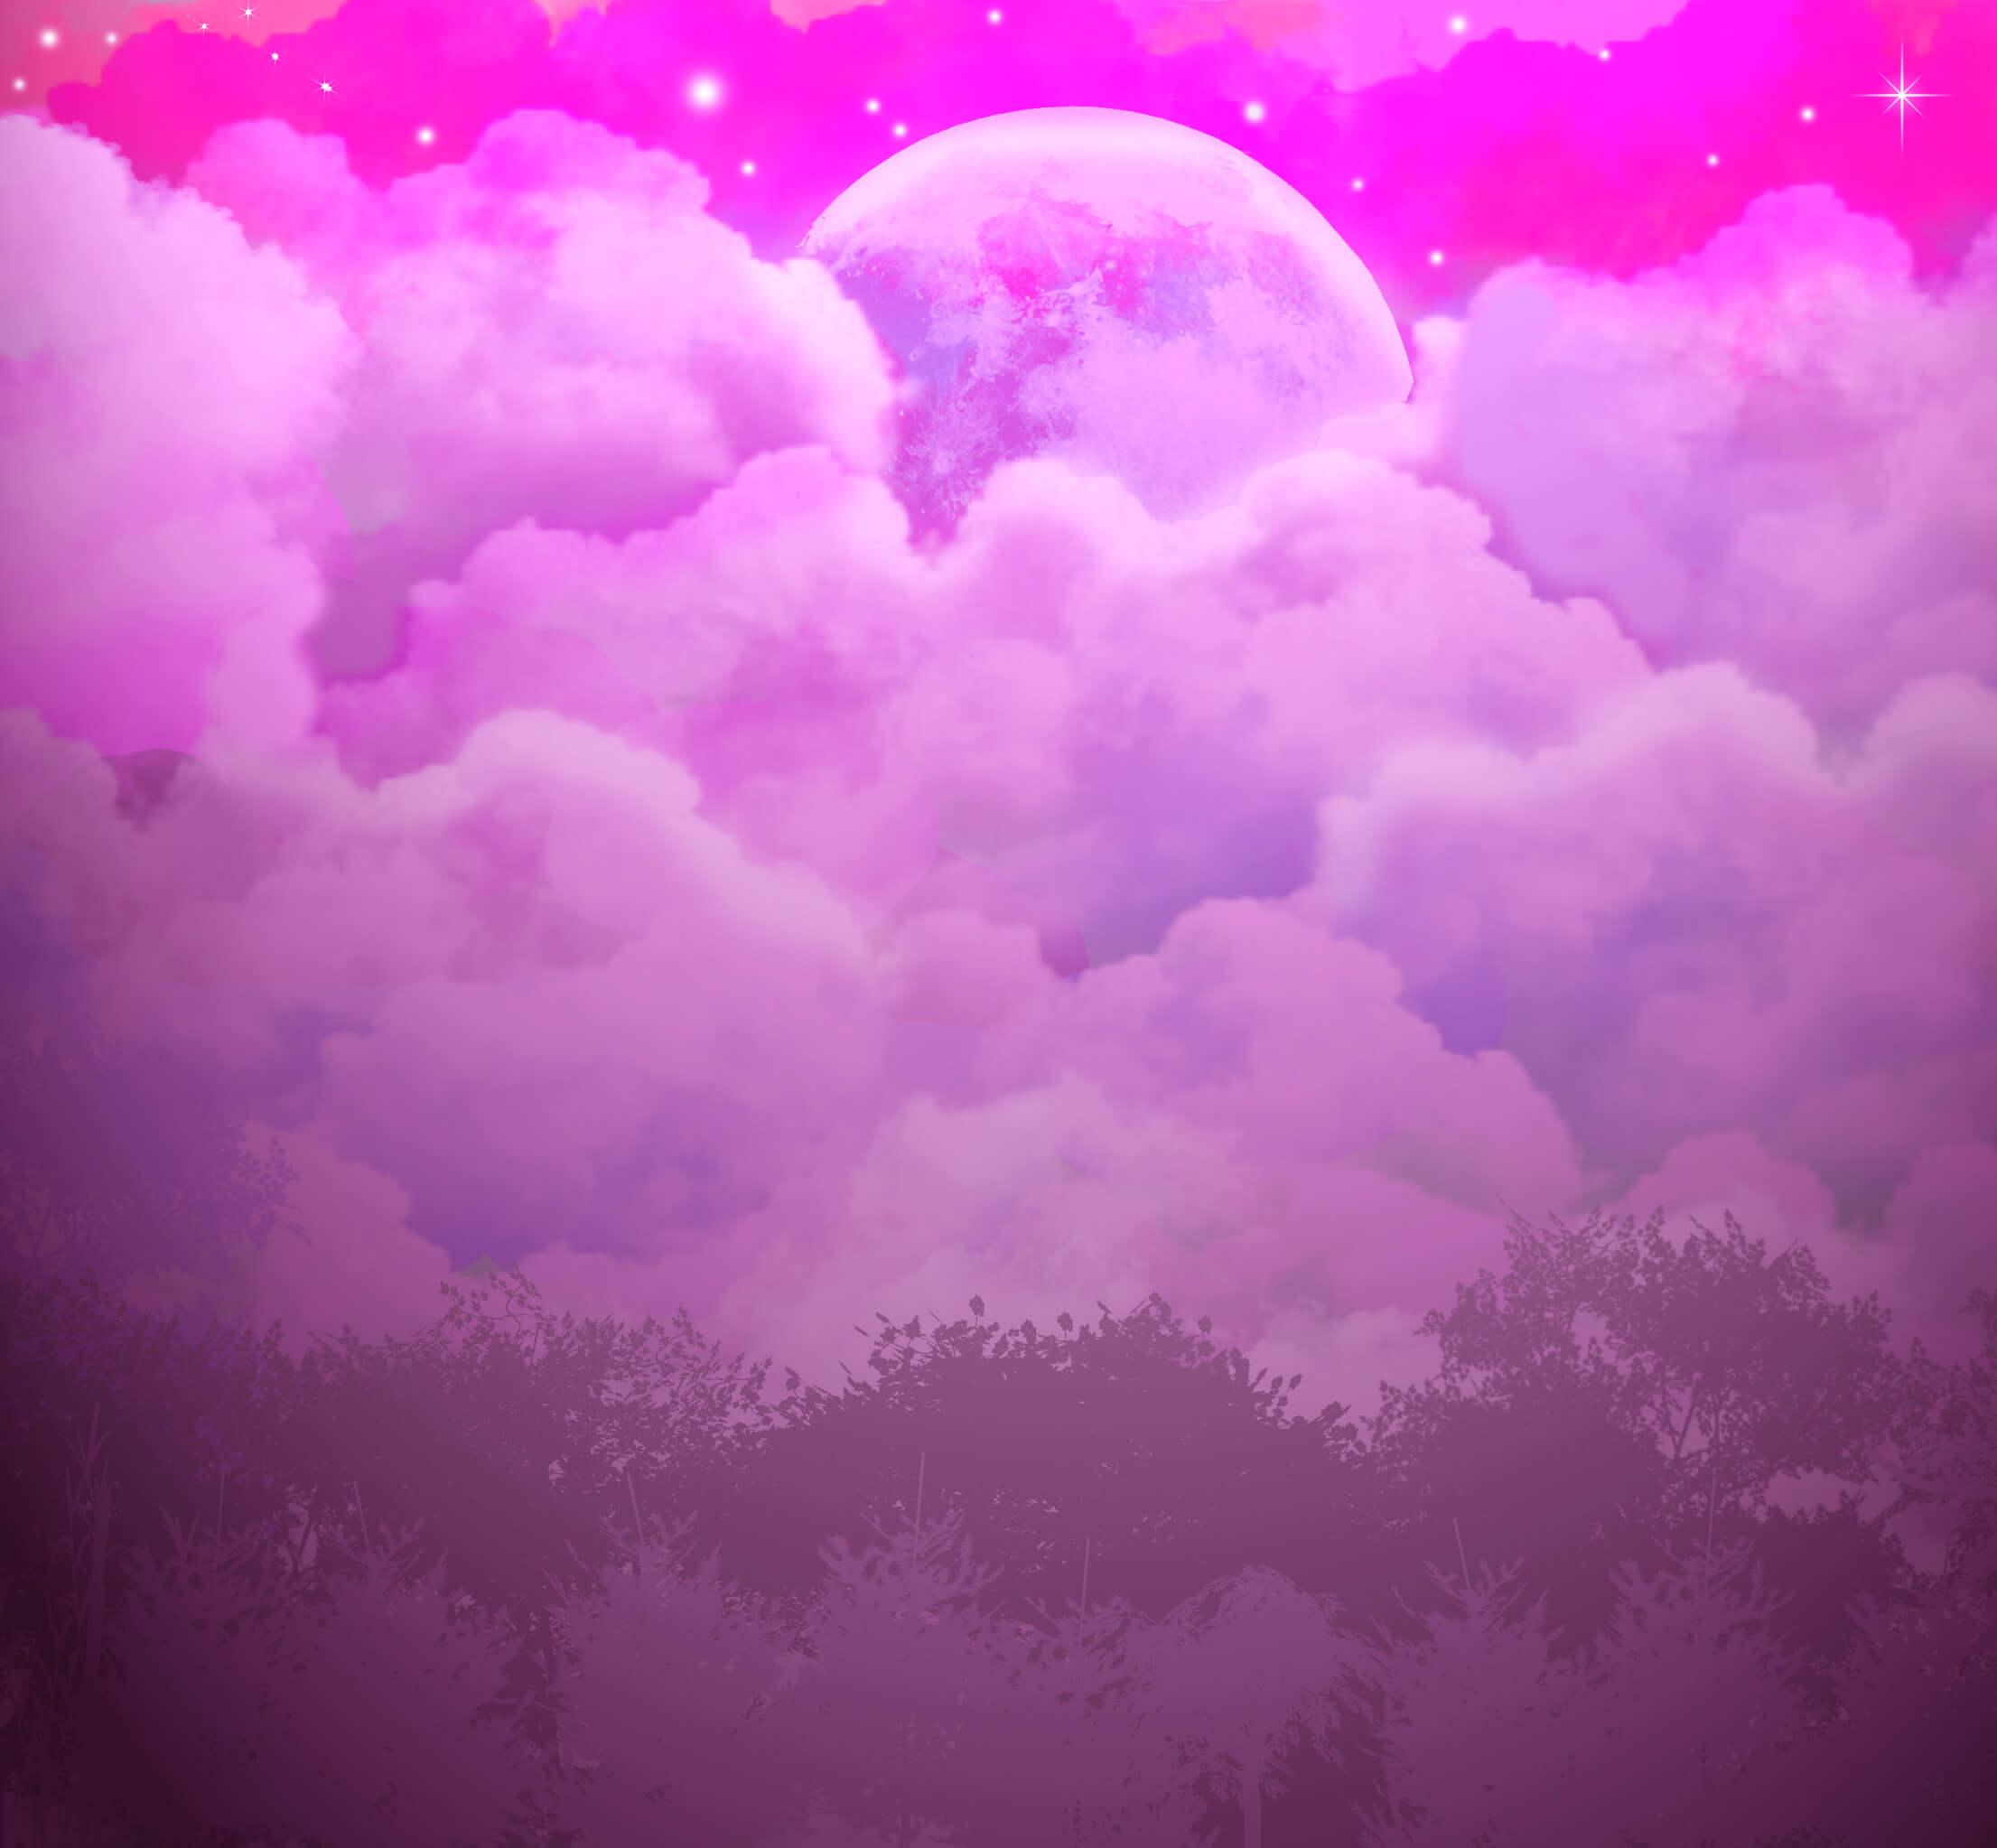 Пейзажи и интерьеры в стиле аниме для Фотошопа